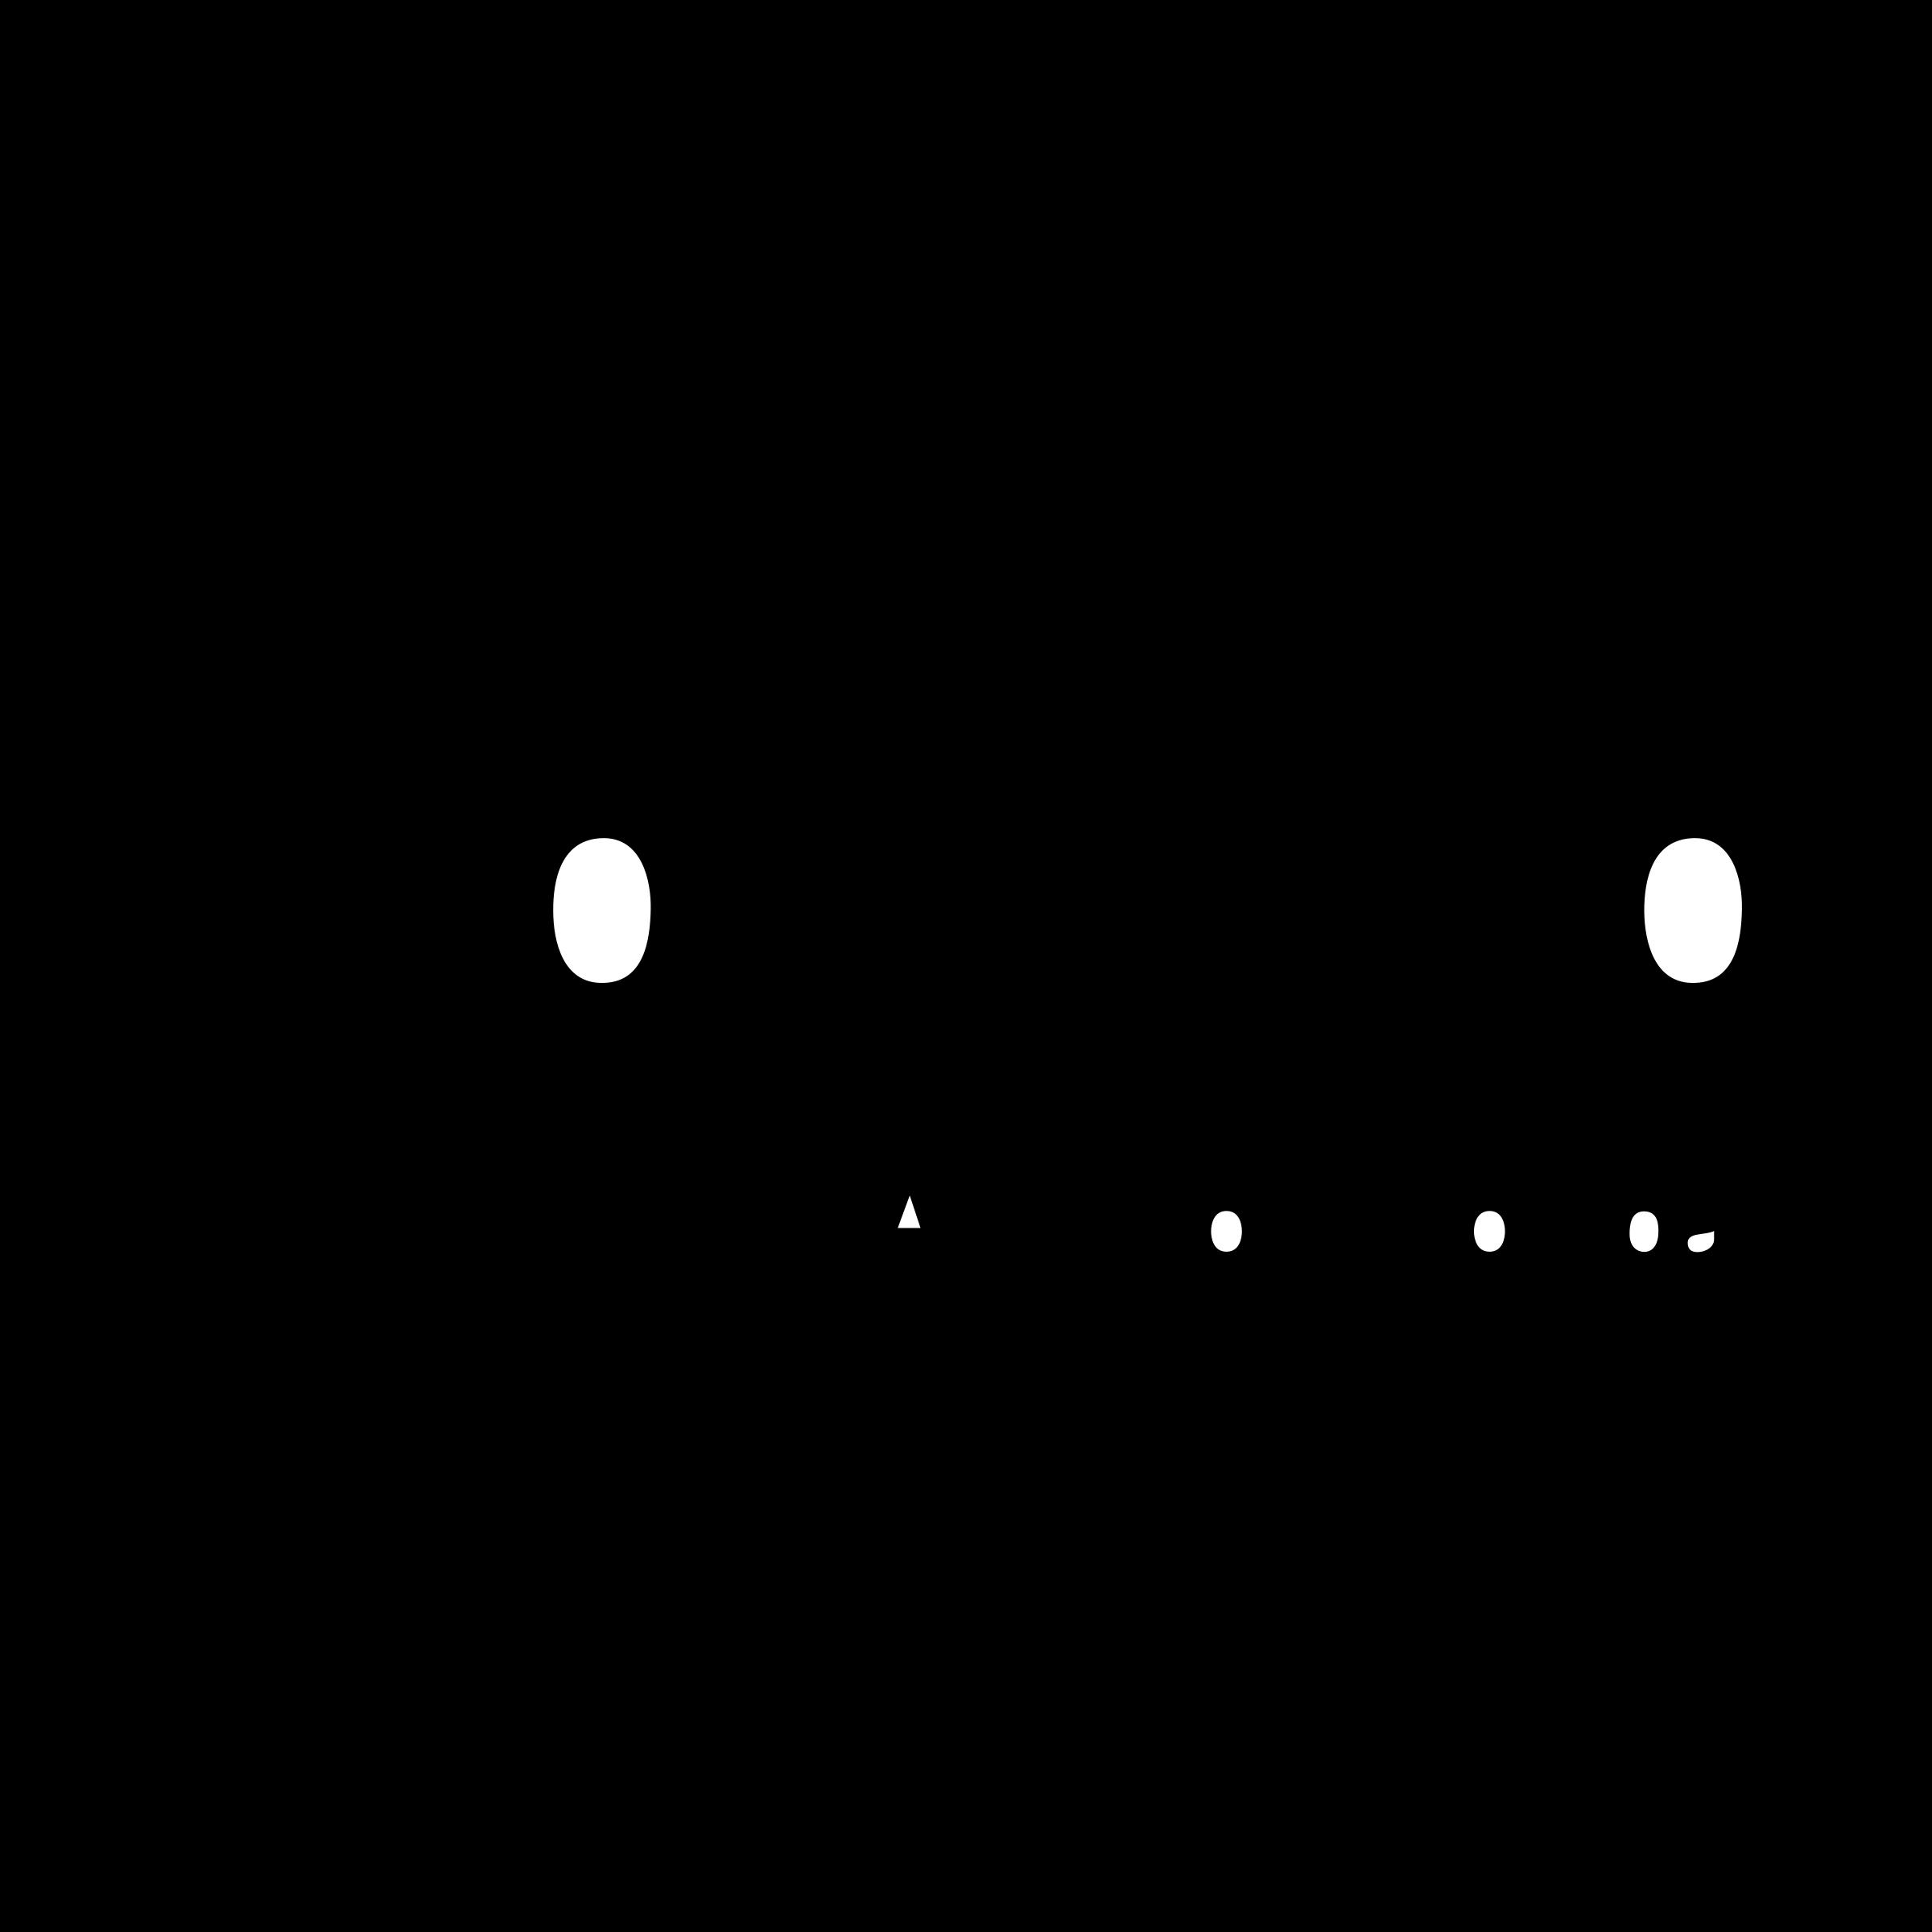 comed-1-logo-png-transparent.png